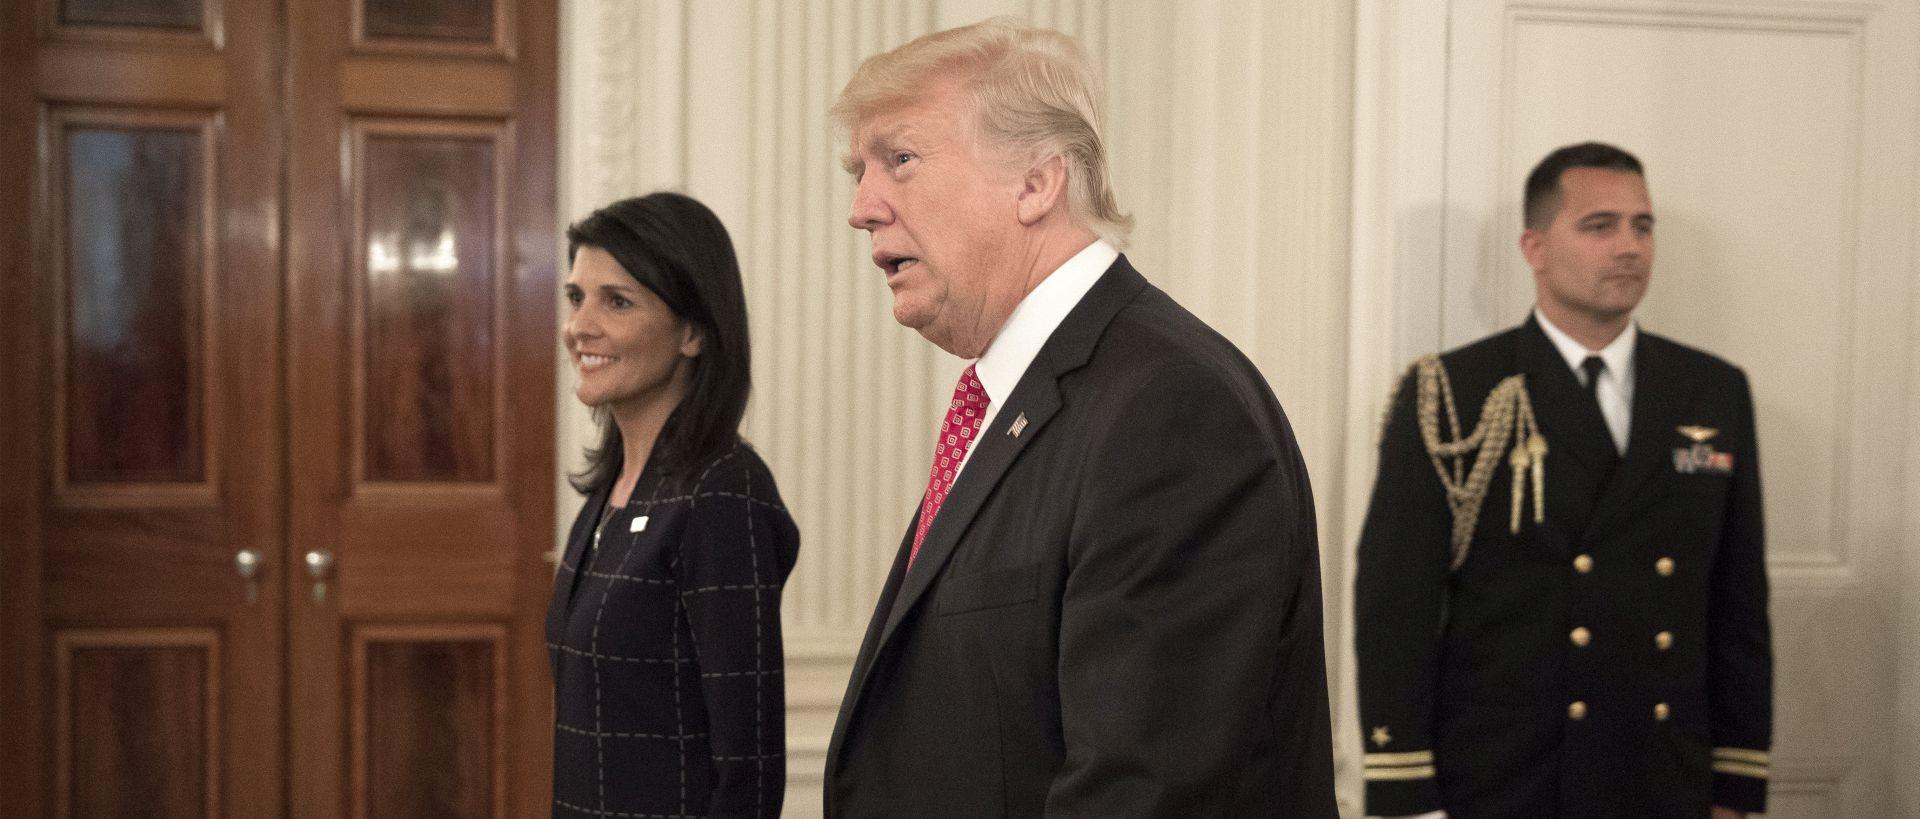 TRUMP Vijeće sigurnosti mora pripremiti nove sankcije Sjevernoj Koreji